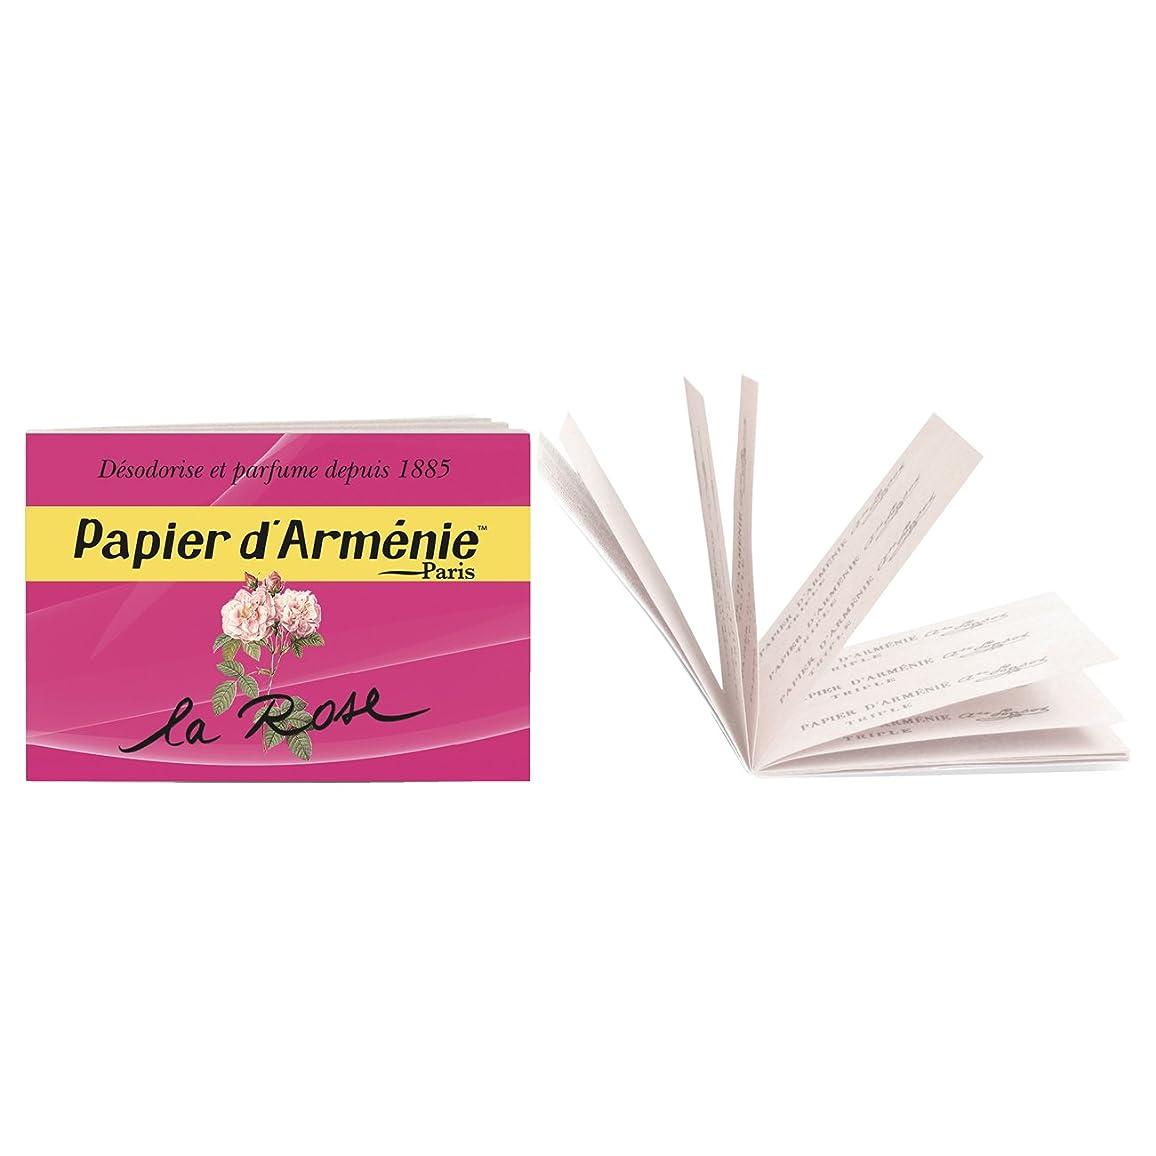 トランスペアレント否認するセマフォパピエダルメニイ トリプル ローズ (紙のお香 3×12枚/36回分)